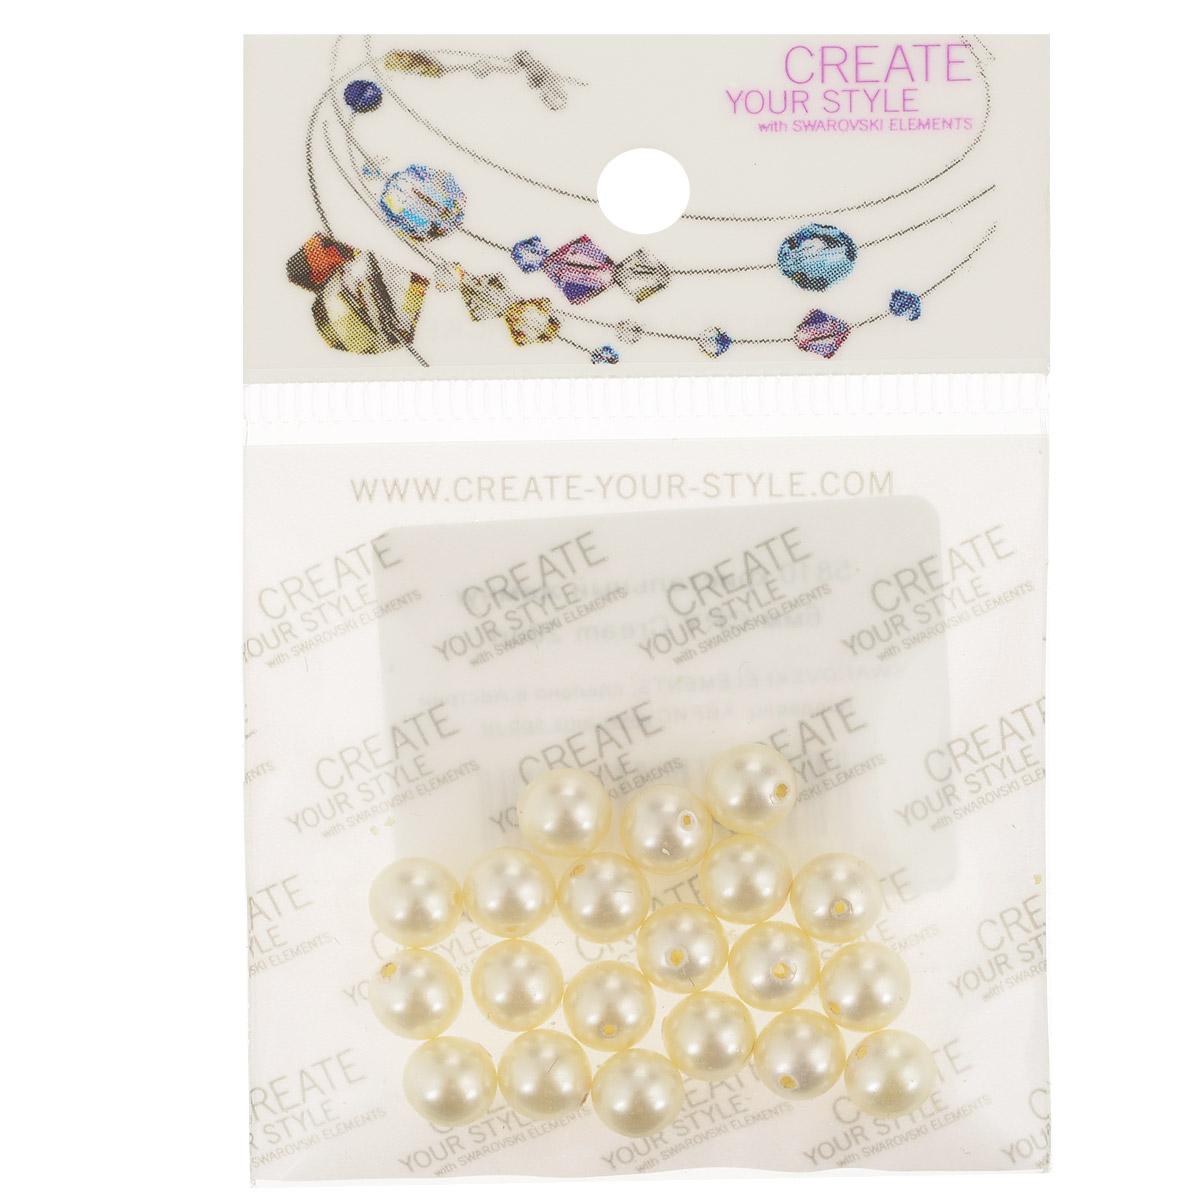 Бусины Swarovski Elements Кристальный жемчуг, цвет: кремовый, диаметр 6 мм, 20 шт